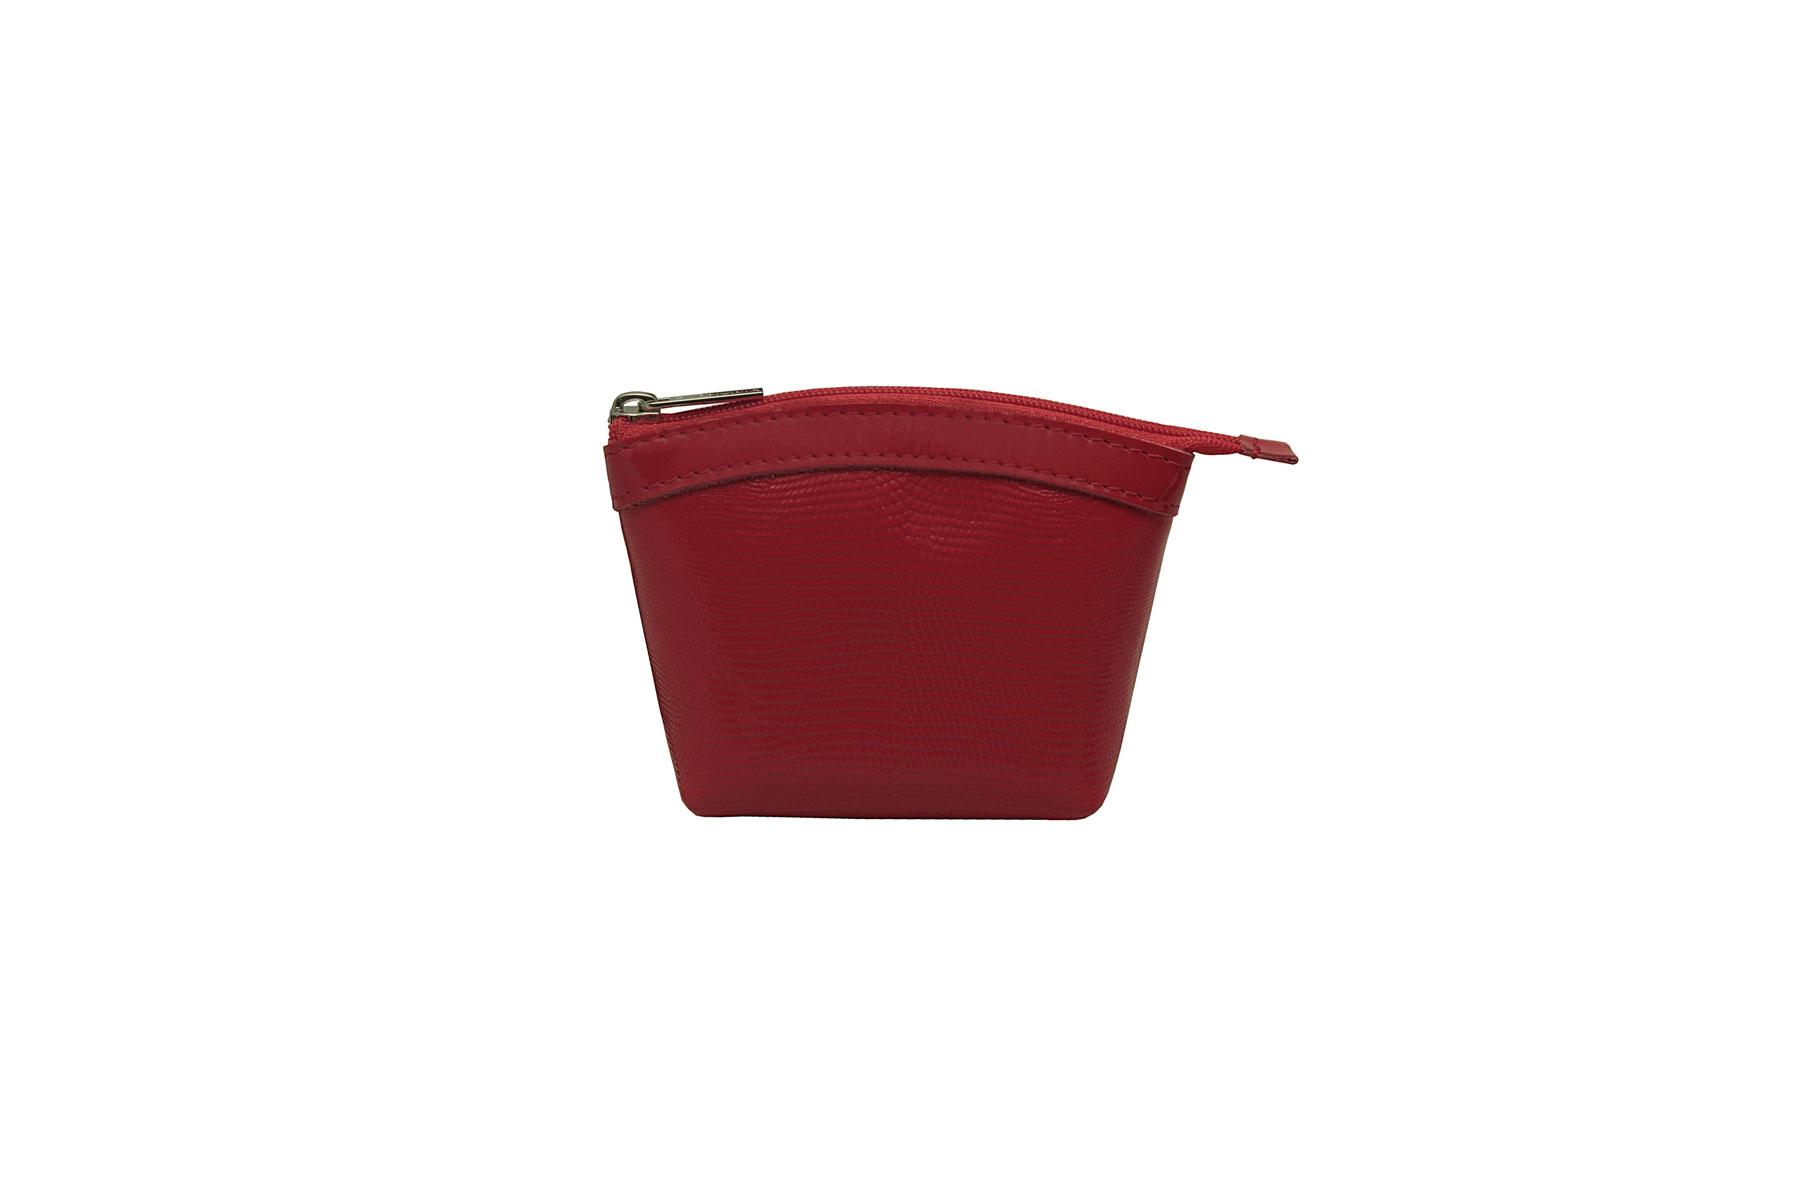 Кошелек женский Dimanche, цвет: красный. 258/13258/13Кошелек Dimanche выполнен из натуральной кожи с тиснением под рептилию и закрывается на застежку-молнию. Внутри расположено одно отделение для денег. Изделие упаковано в фирменную коробку.